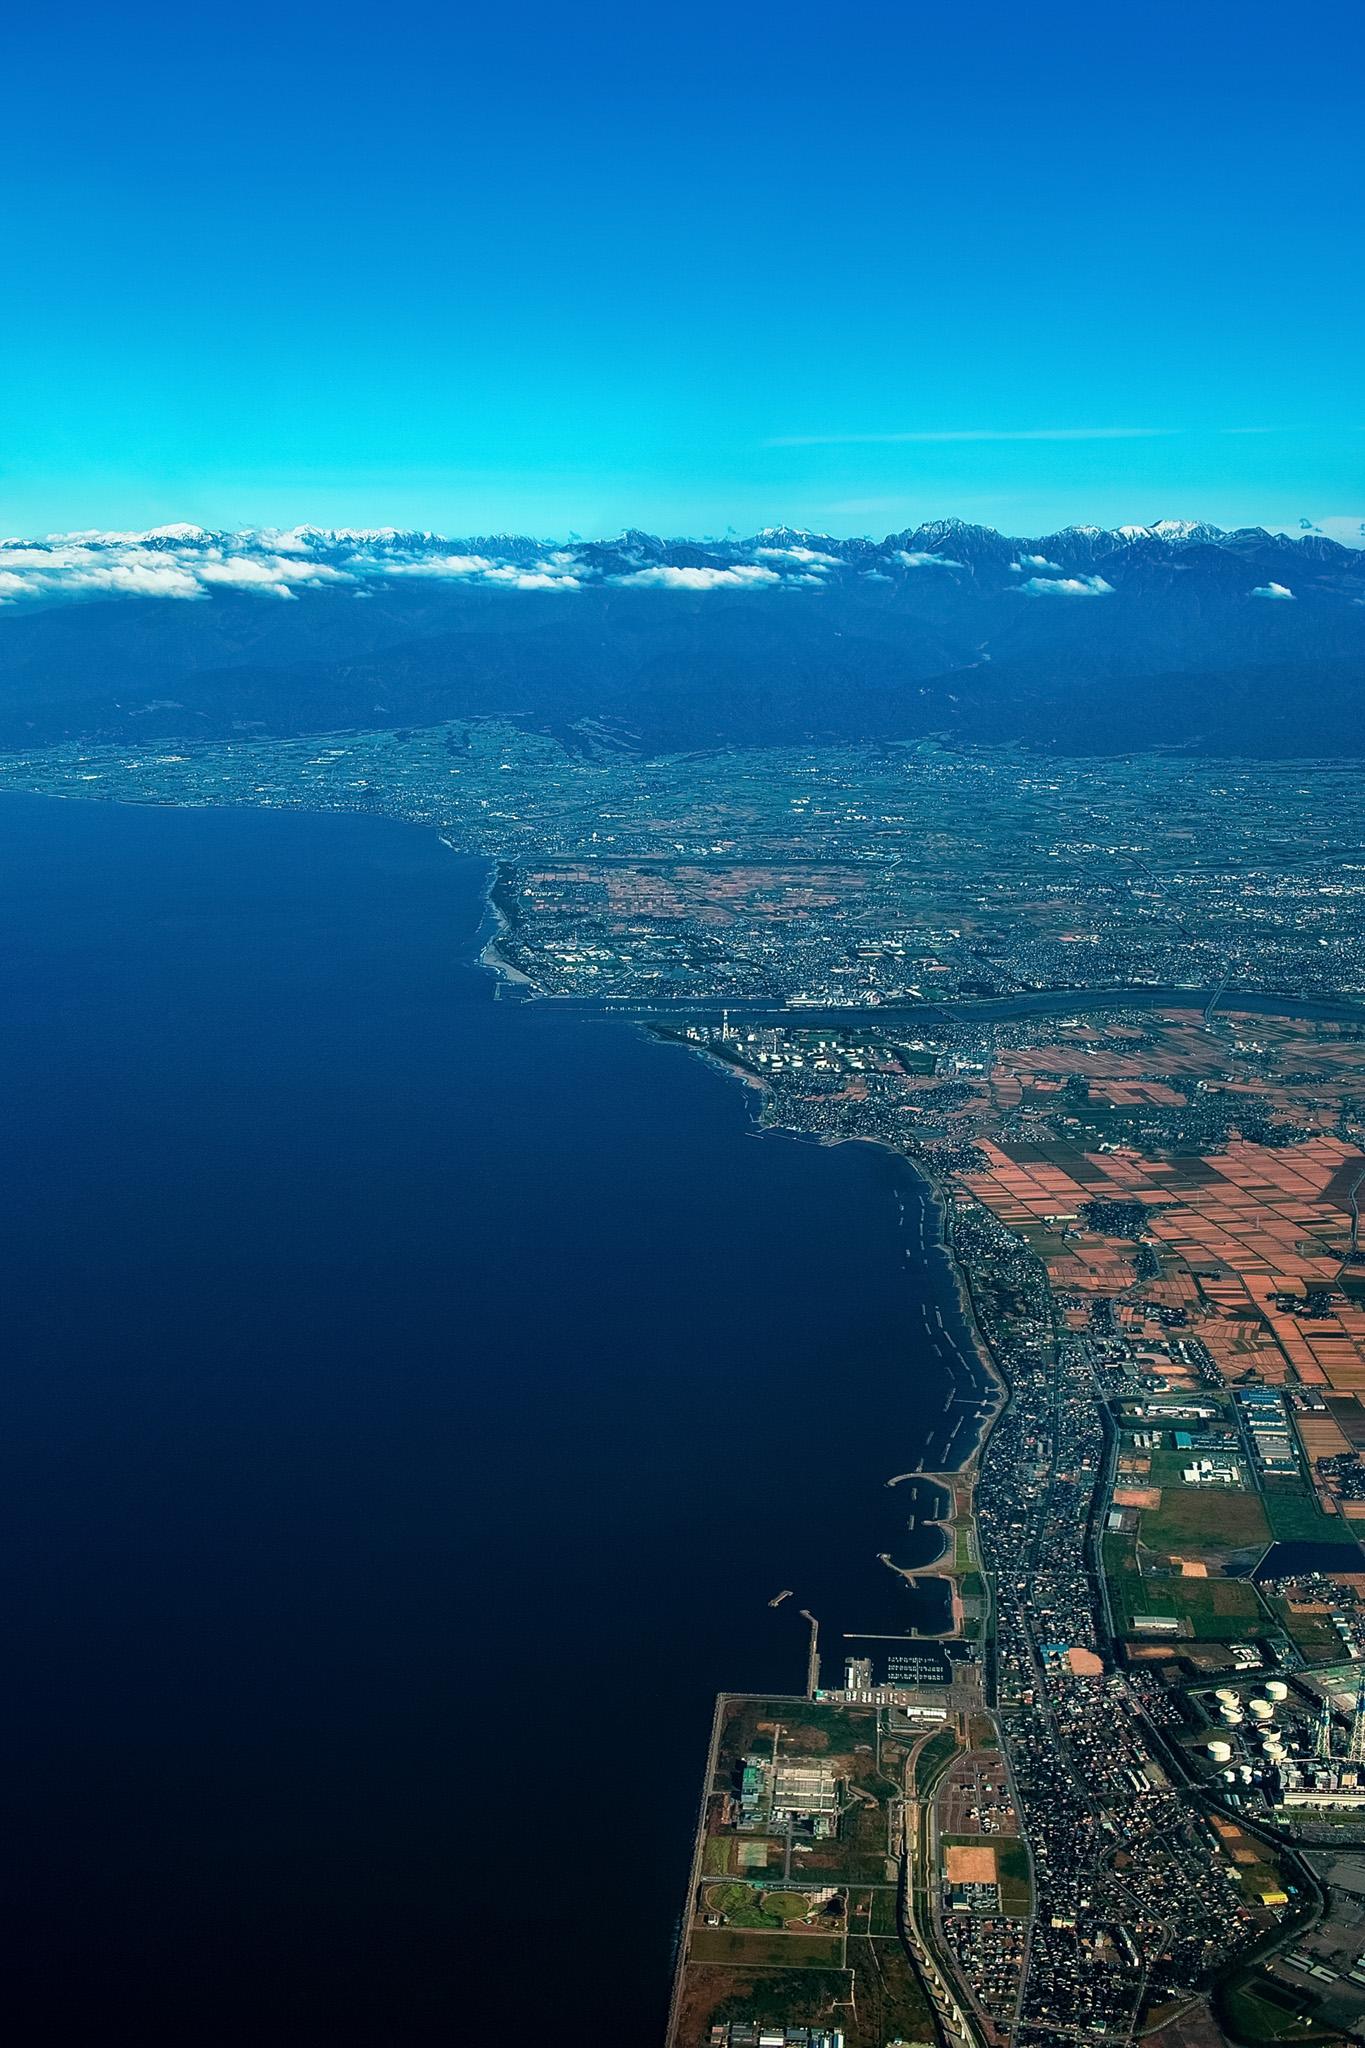 「臨海上空の空撮」の素材を無料ダウンロード